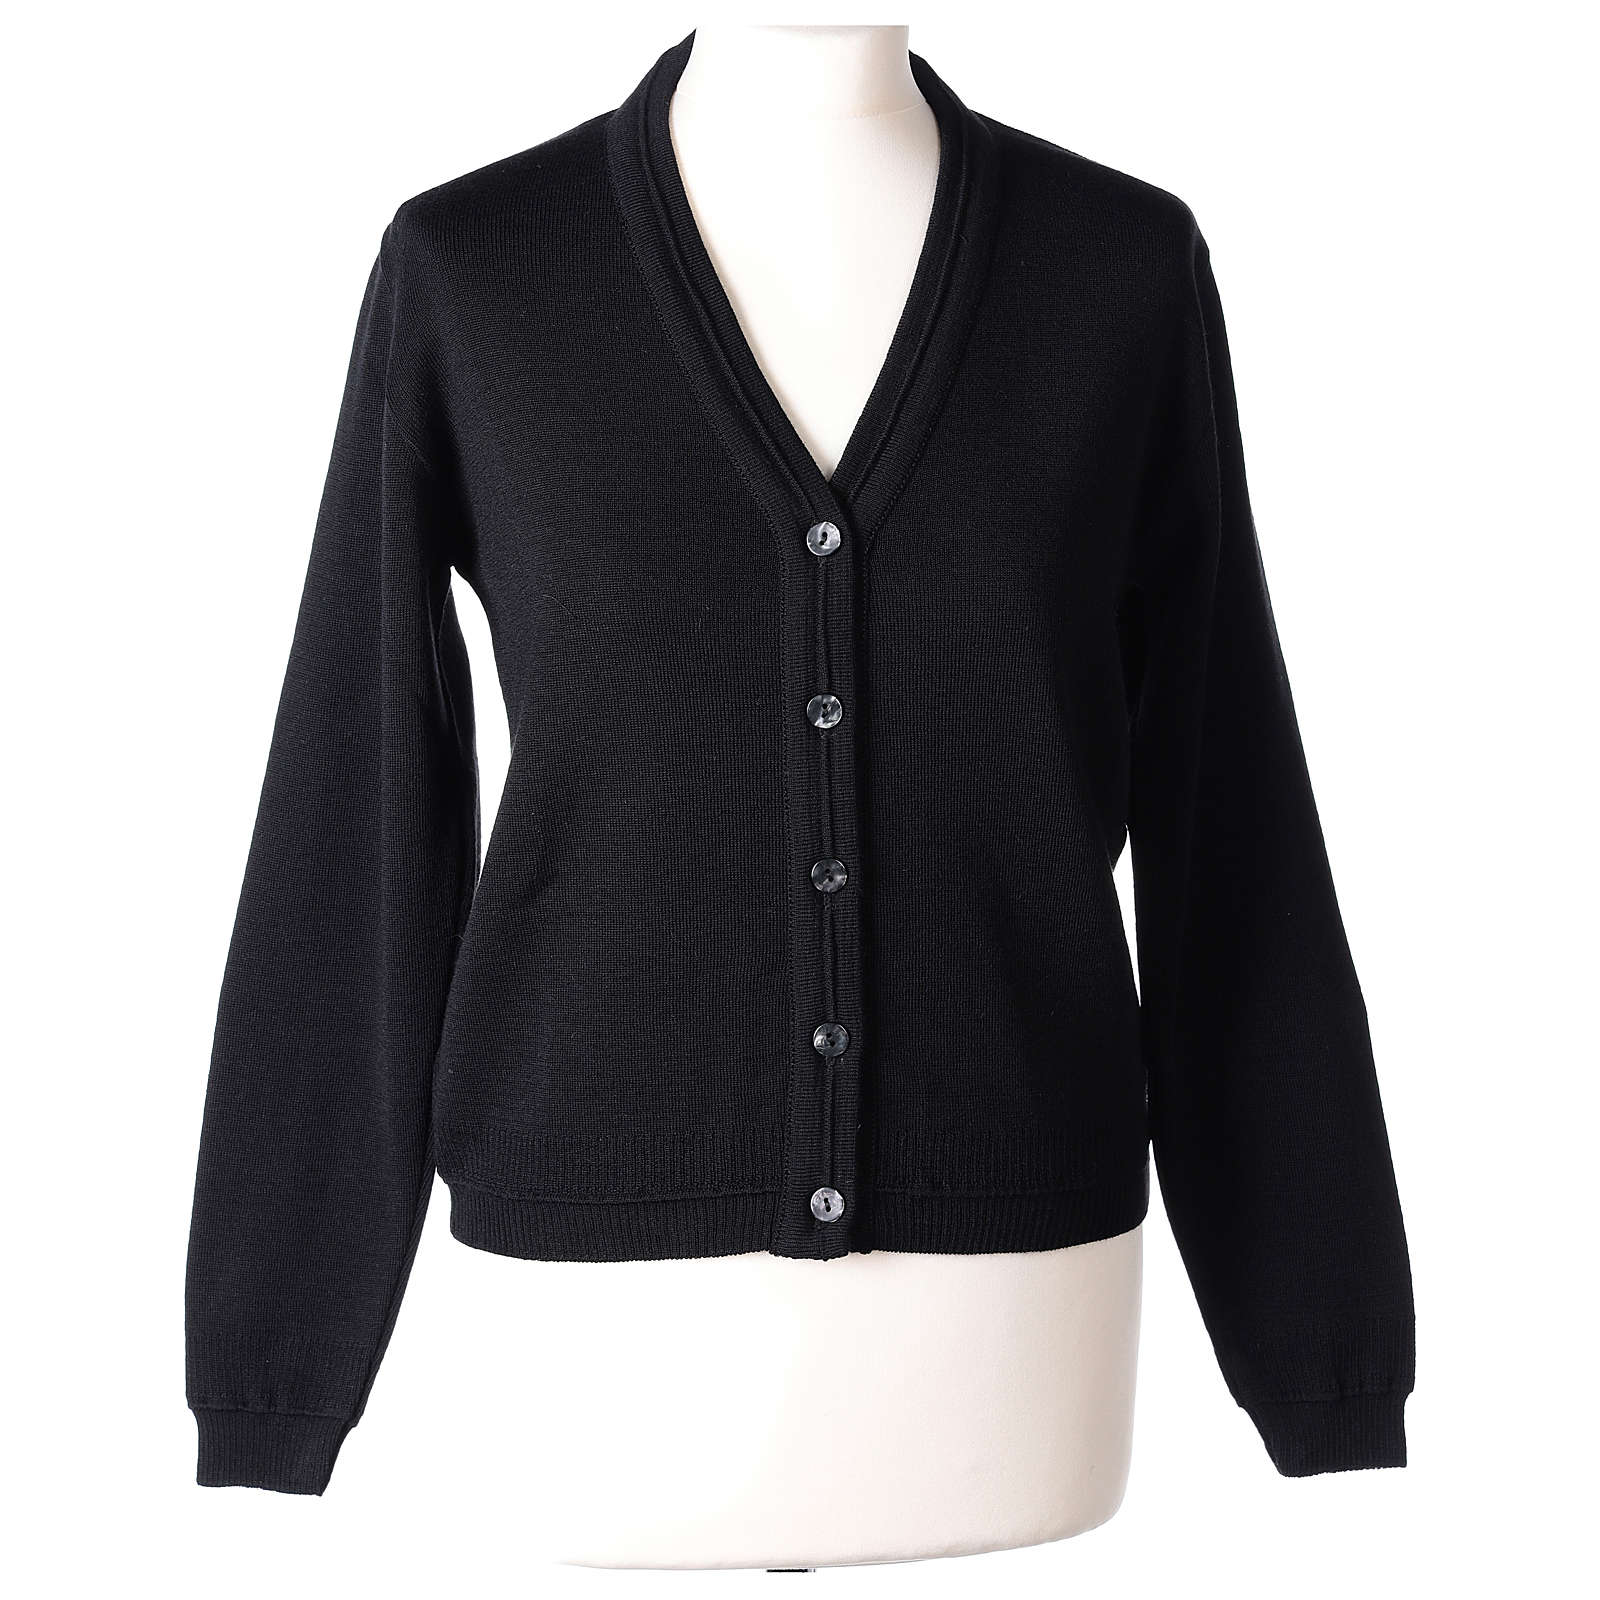 Giacca corta nera 50% lana merino 50% acrilico suora In Primis 4